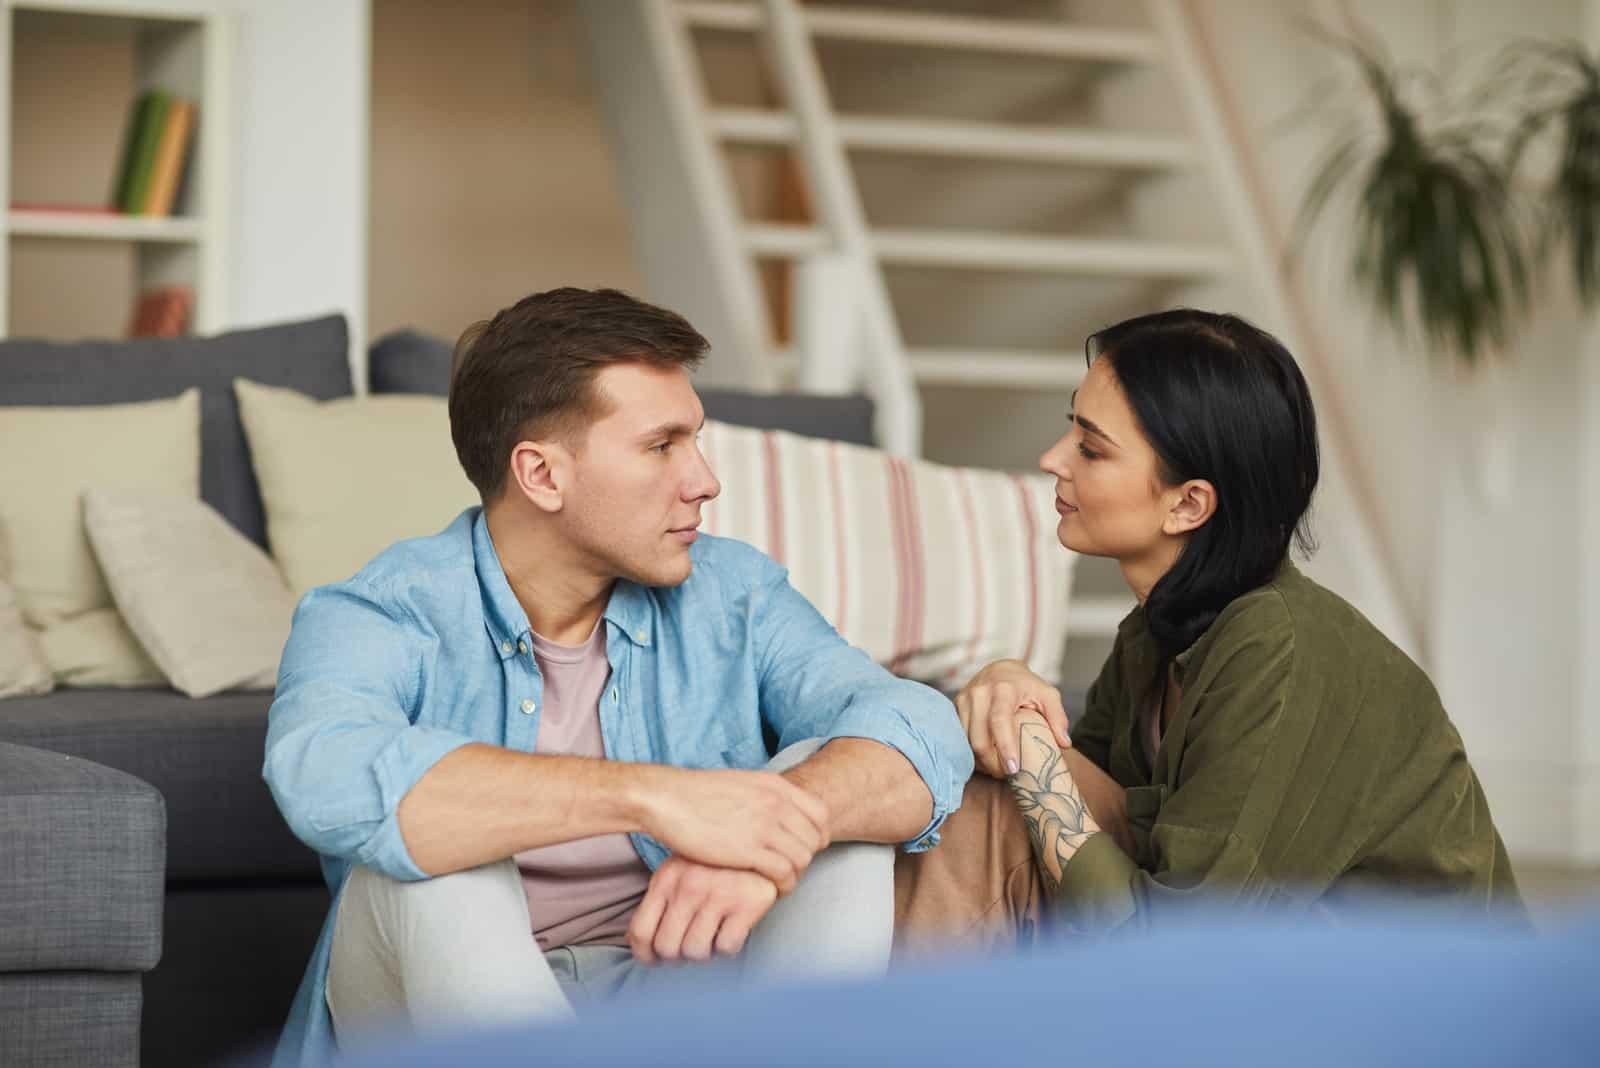 Un homme et une femme se regardent dans les yeux assis sur le sol